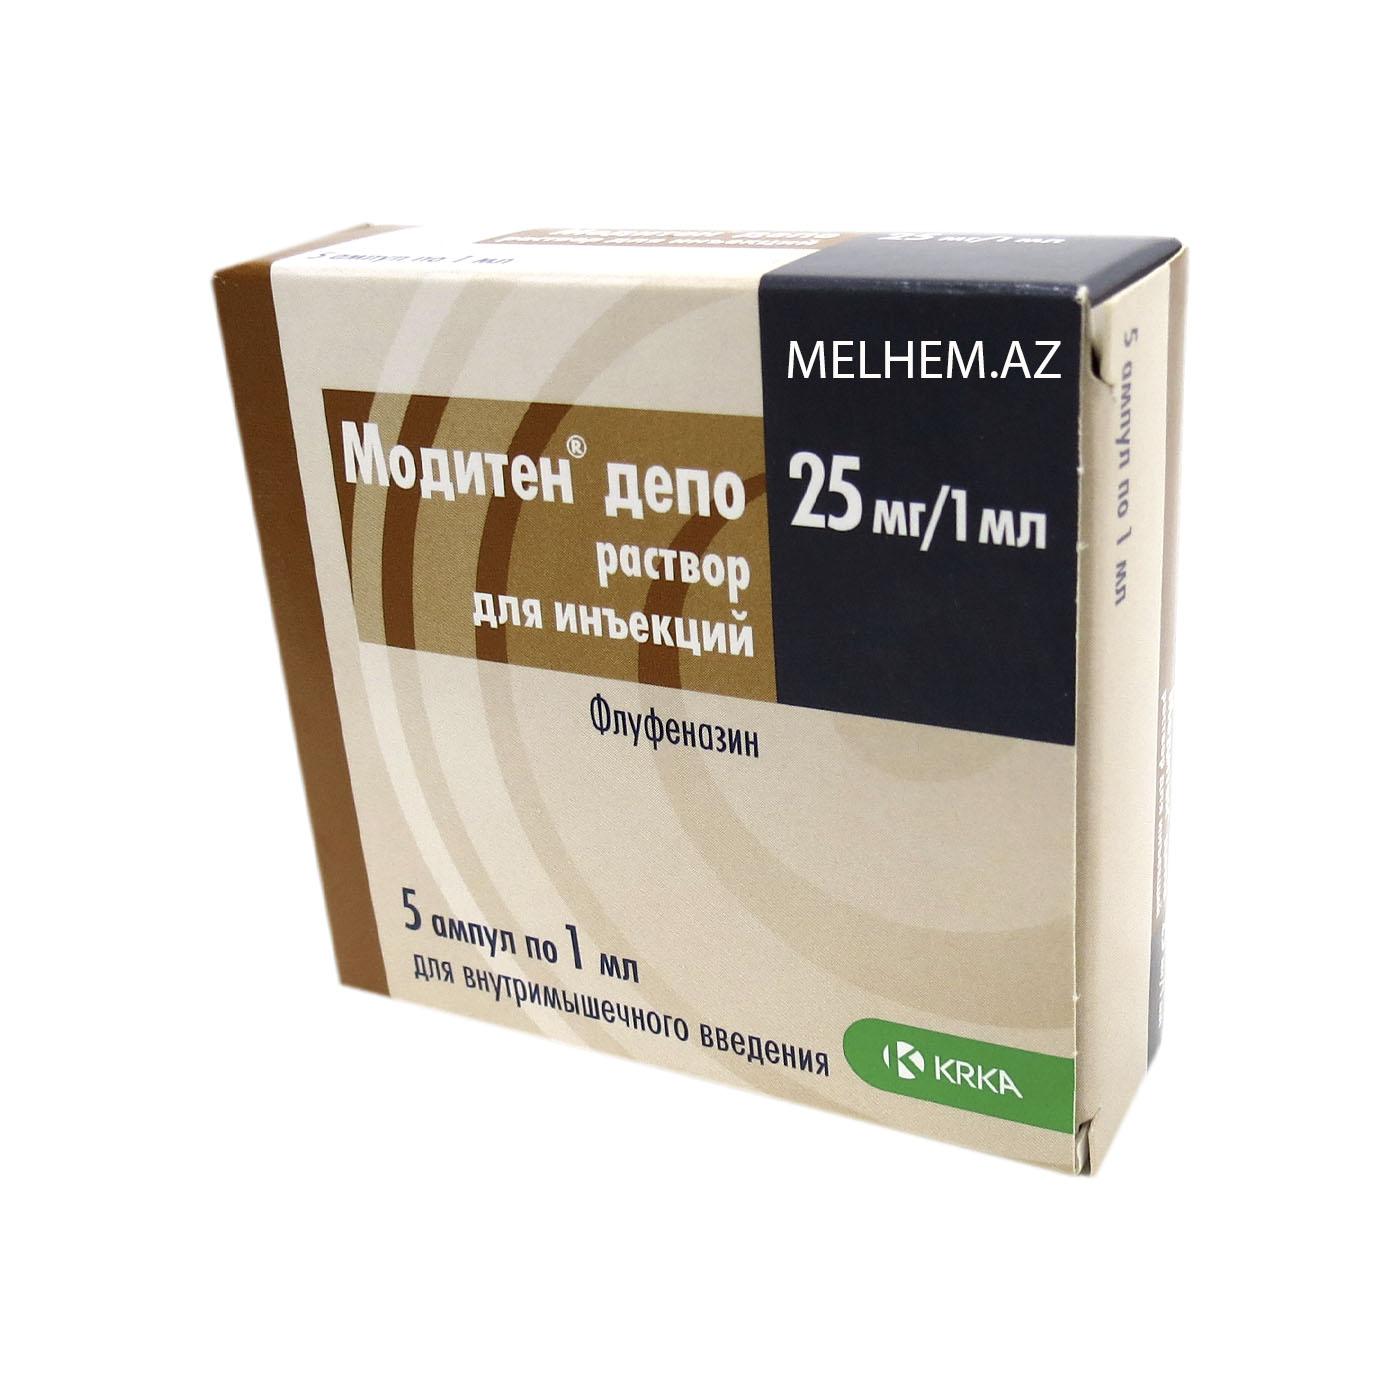 MODİTEN DEPO 25 MQ/1 ML N5 (AMPUL)